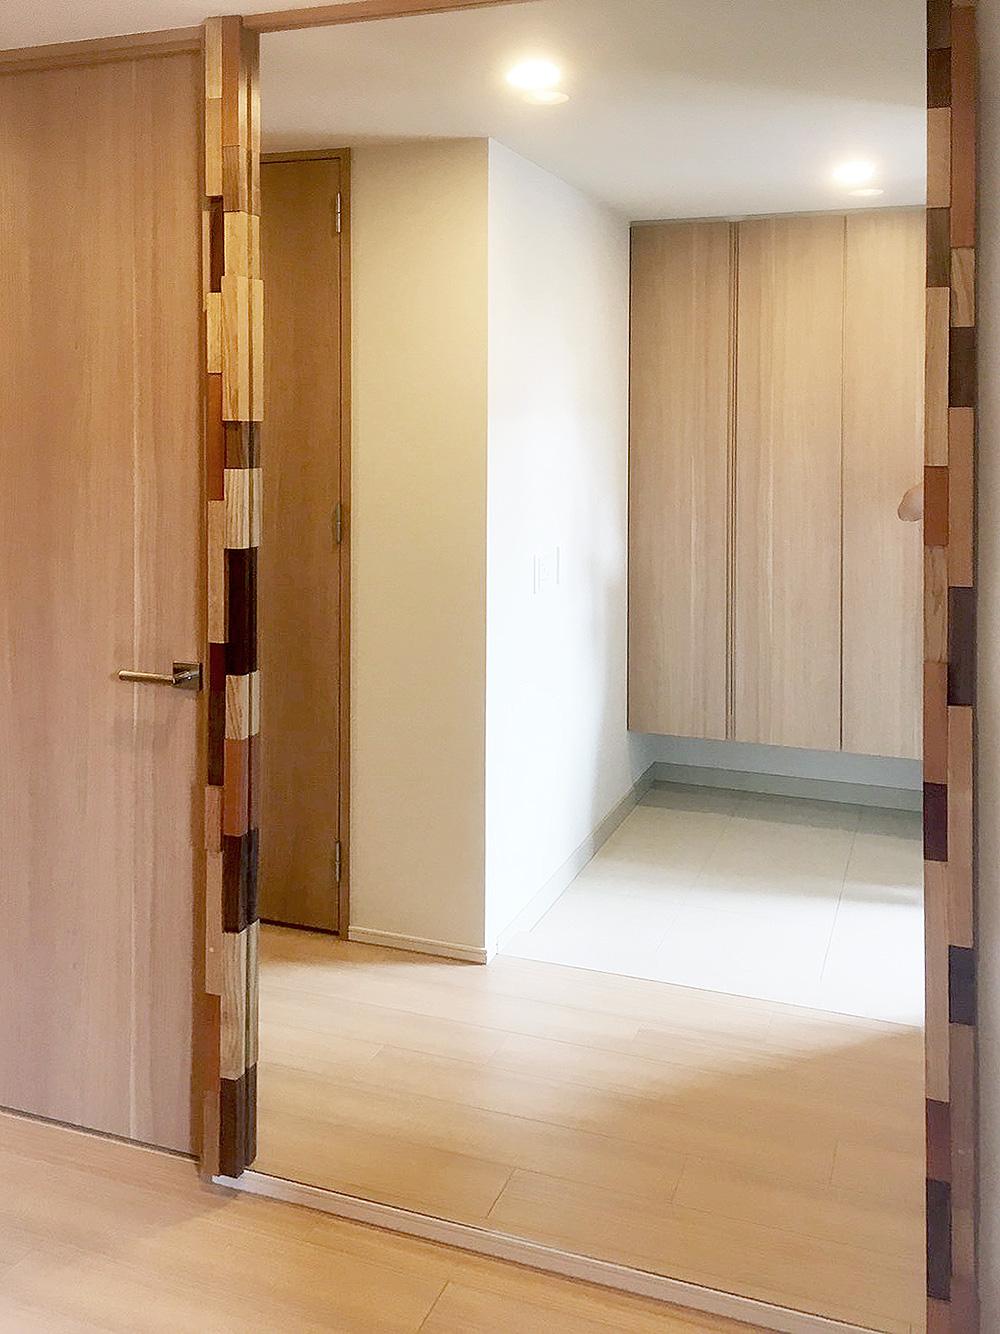 オーダー家具・玄関鏡/大阪・吹田市